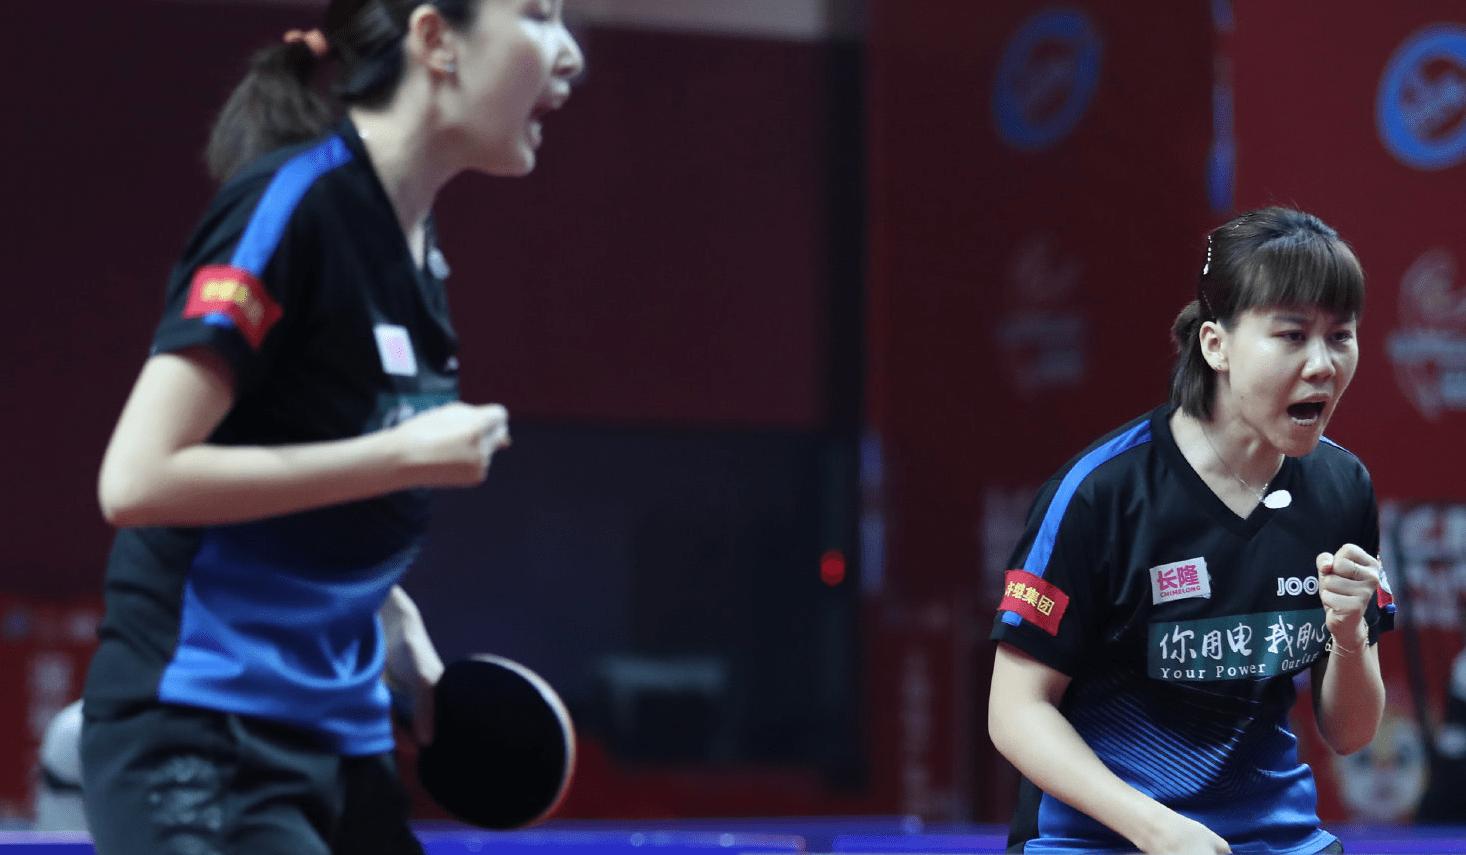 乒乓球超级:三局3-0!山东鲁能横扫对手晋级女子团体决赛269